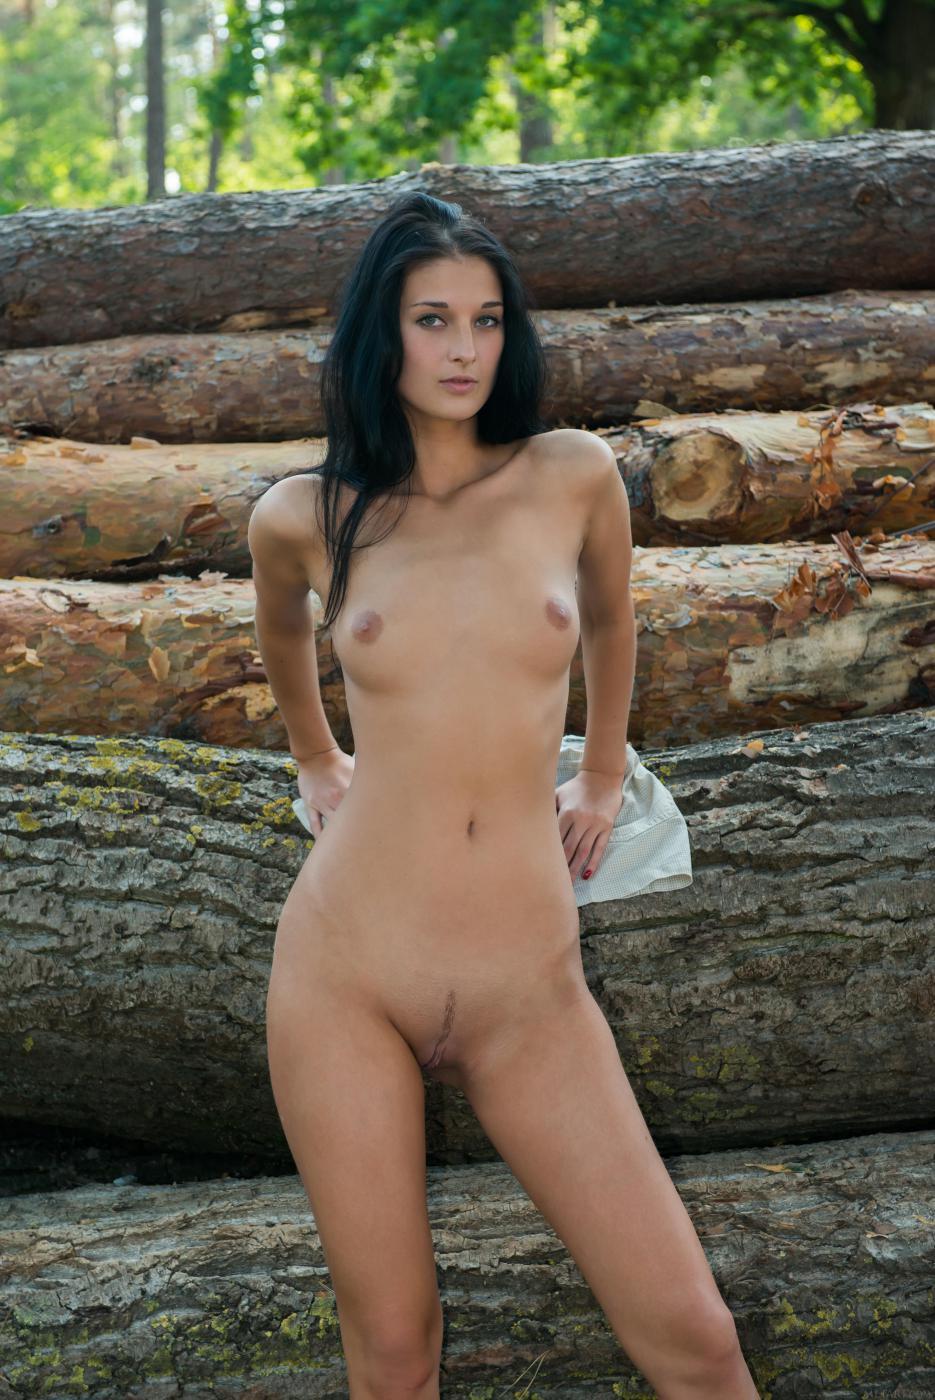 Возбужденная брюнетка Katya AC не стесняется показывать свое нагое тело на природе